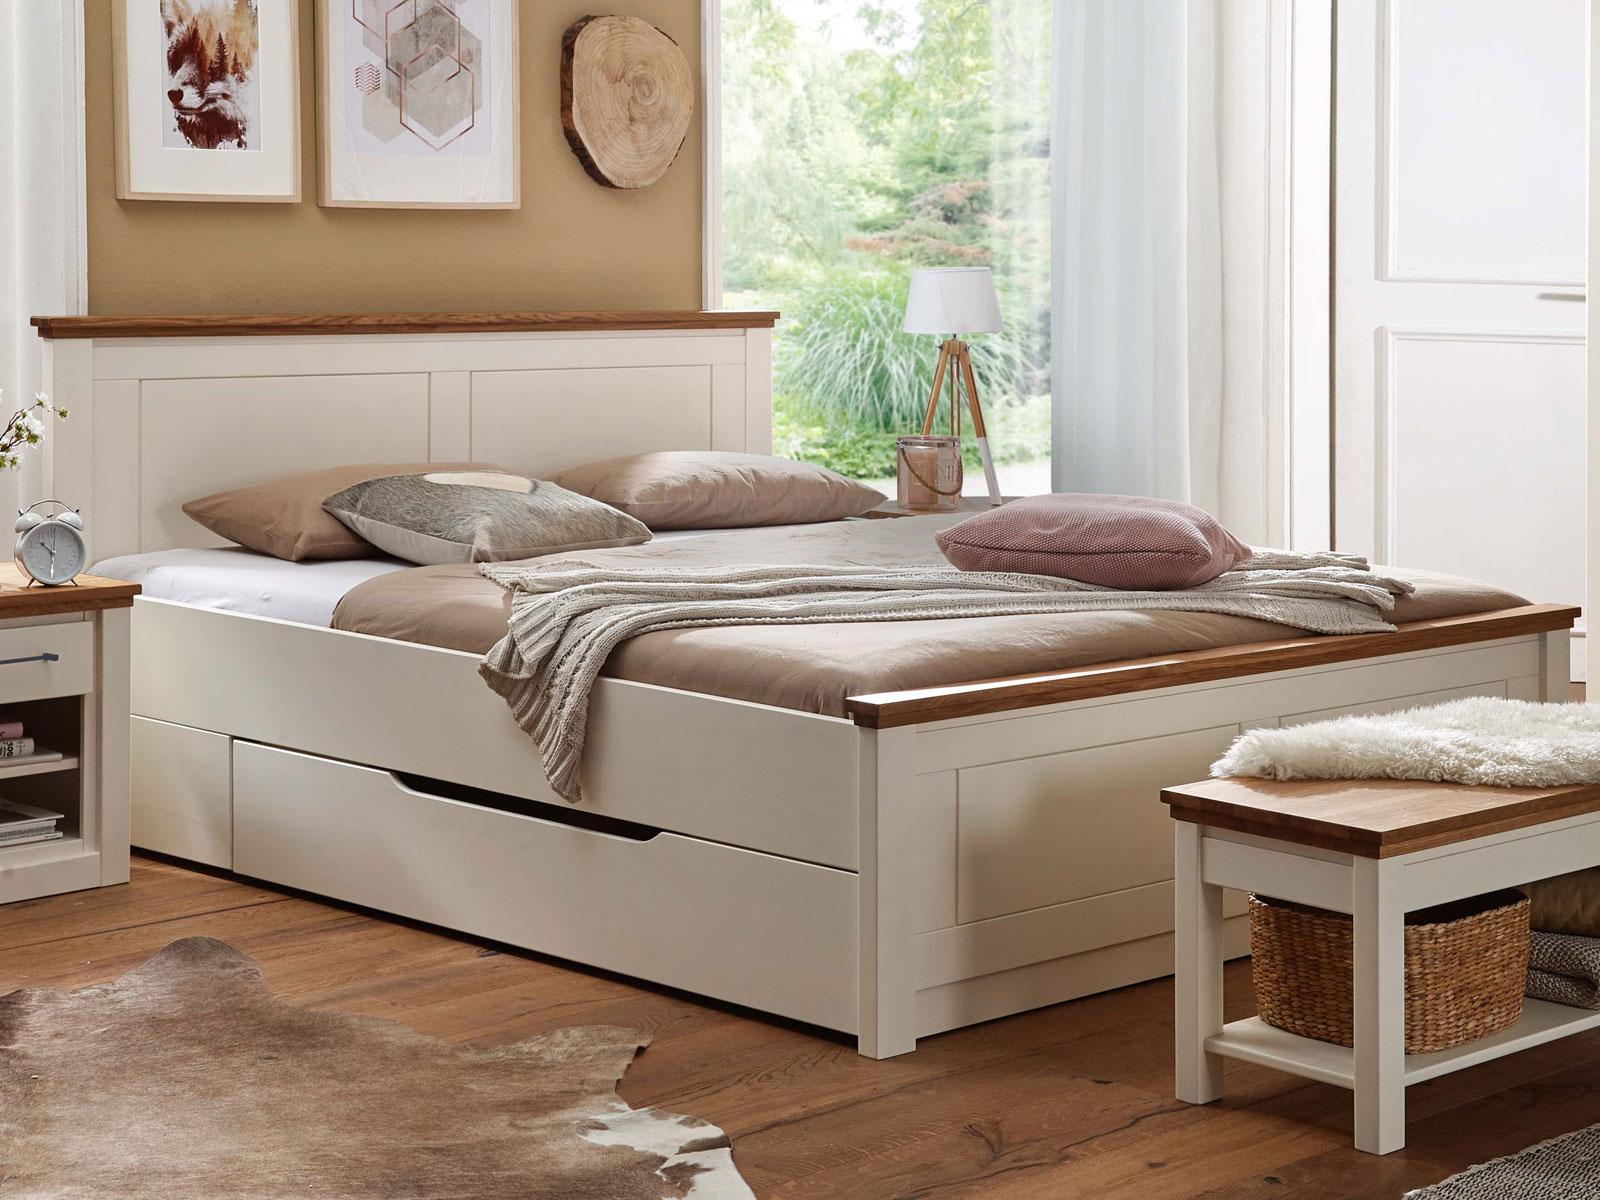 Full Size of Bett Eiche Massiv 180x200 Doppelbett Provence 180 200 Cm Pinie Nordica Creme Und Dormiente Baza Kleinkind Regal Modernes 90x200 Komplett Mit Lattenrost Bett Bett Eiche Massiv 180x200